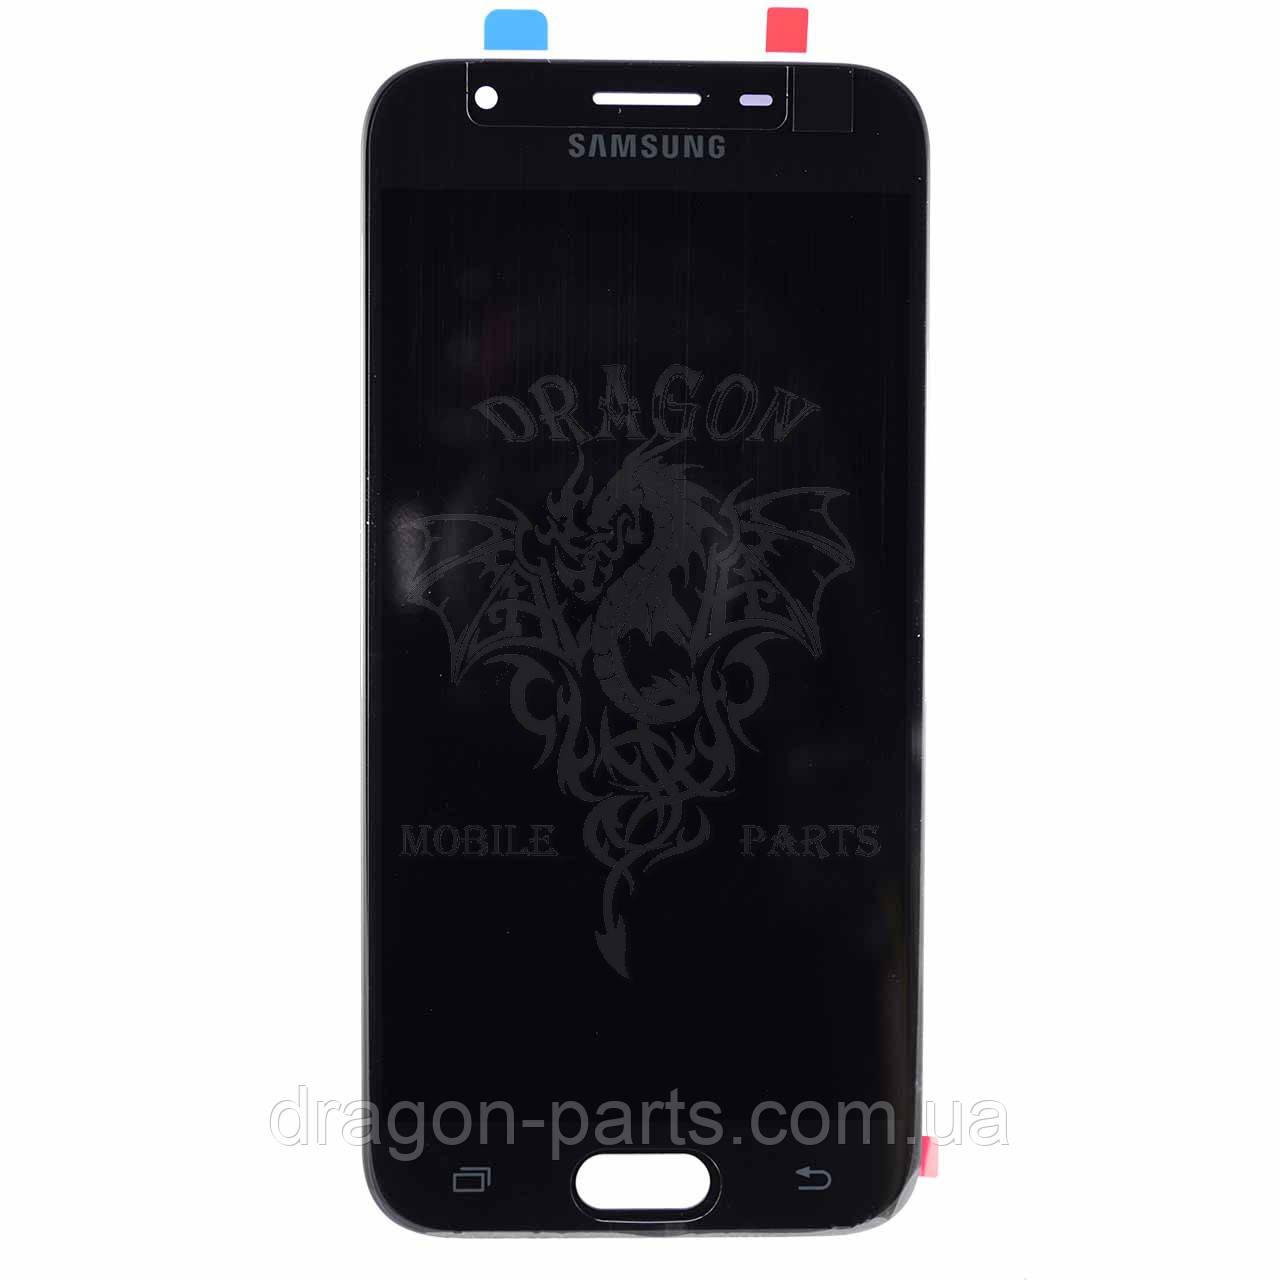 Дисплей Samsung J330 Galaxy J3 2017 с сенсором Черный Black оригинал , GH96-10969A